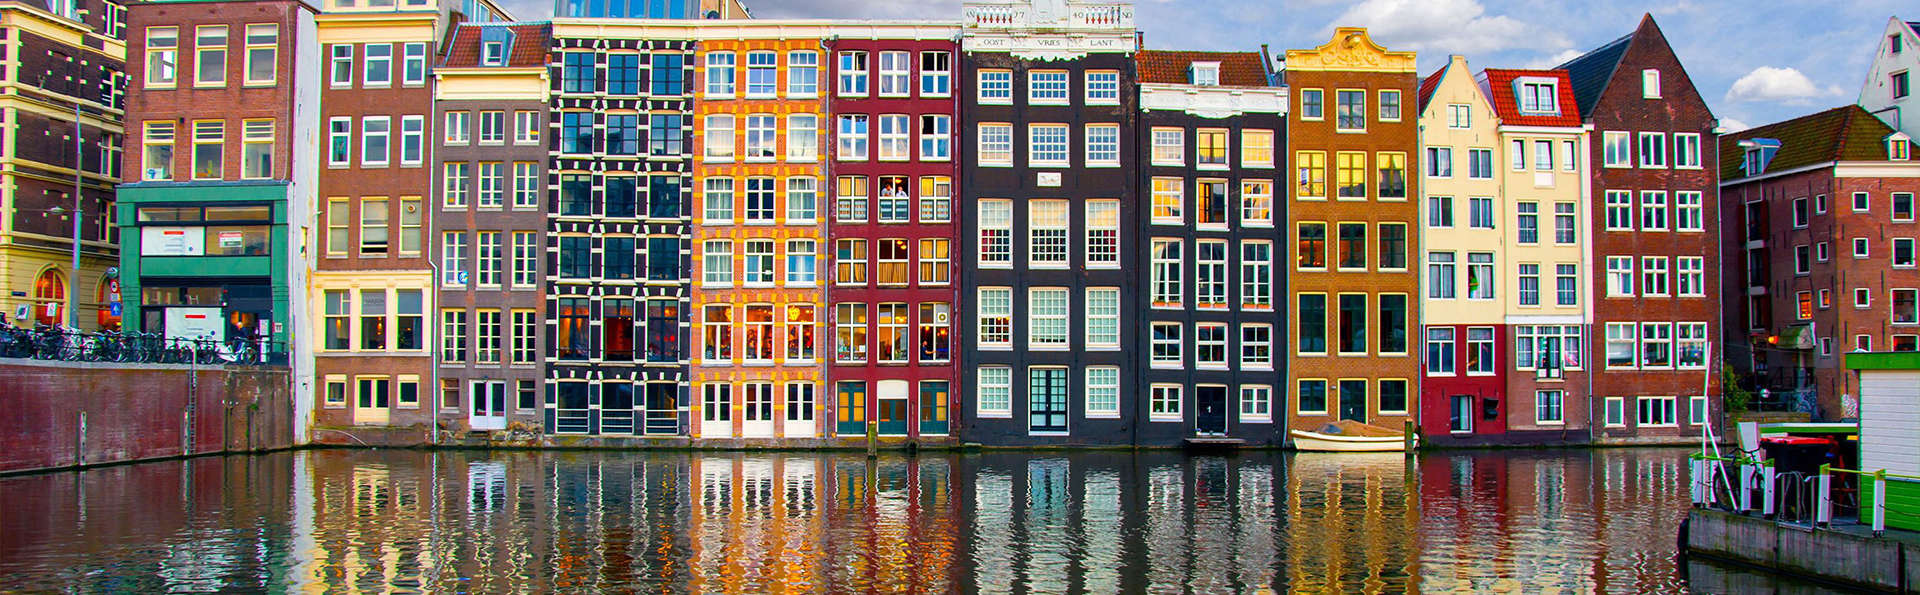 Visitez Amsterdam et reposez-vous dans un lit confortable avec vue sur la ville